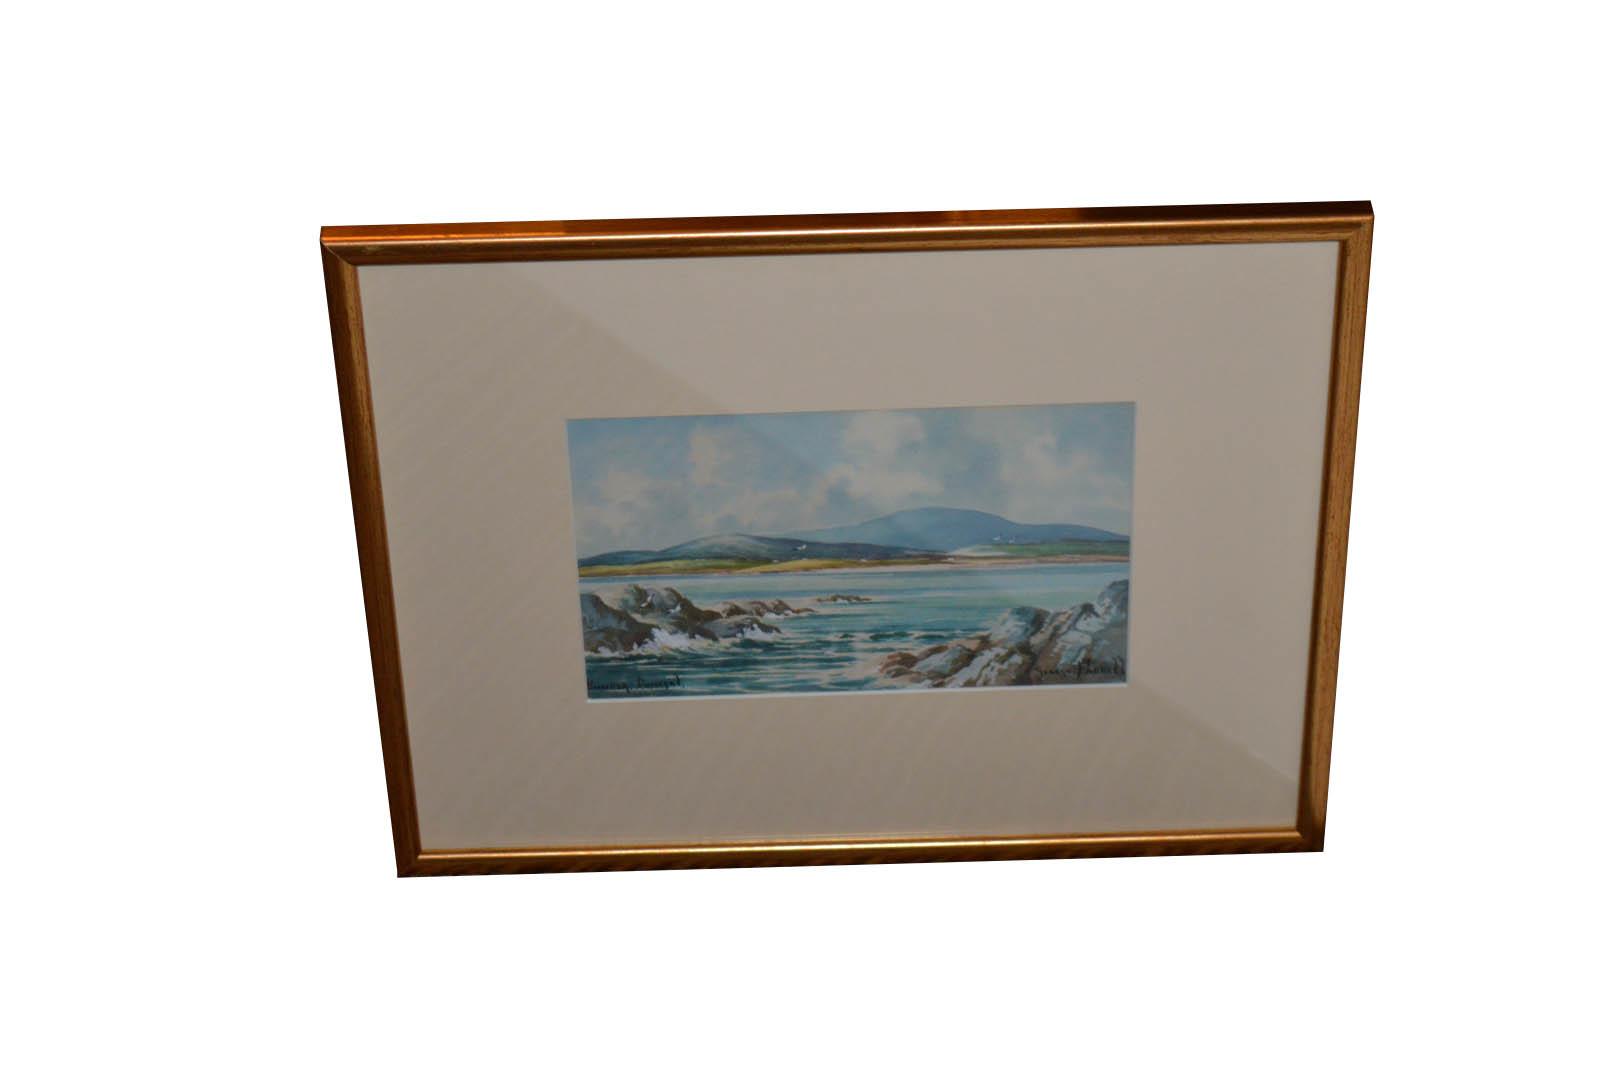 Lot 454 - An Oil Painting 'Bunbeg Donegal' - G Farrell